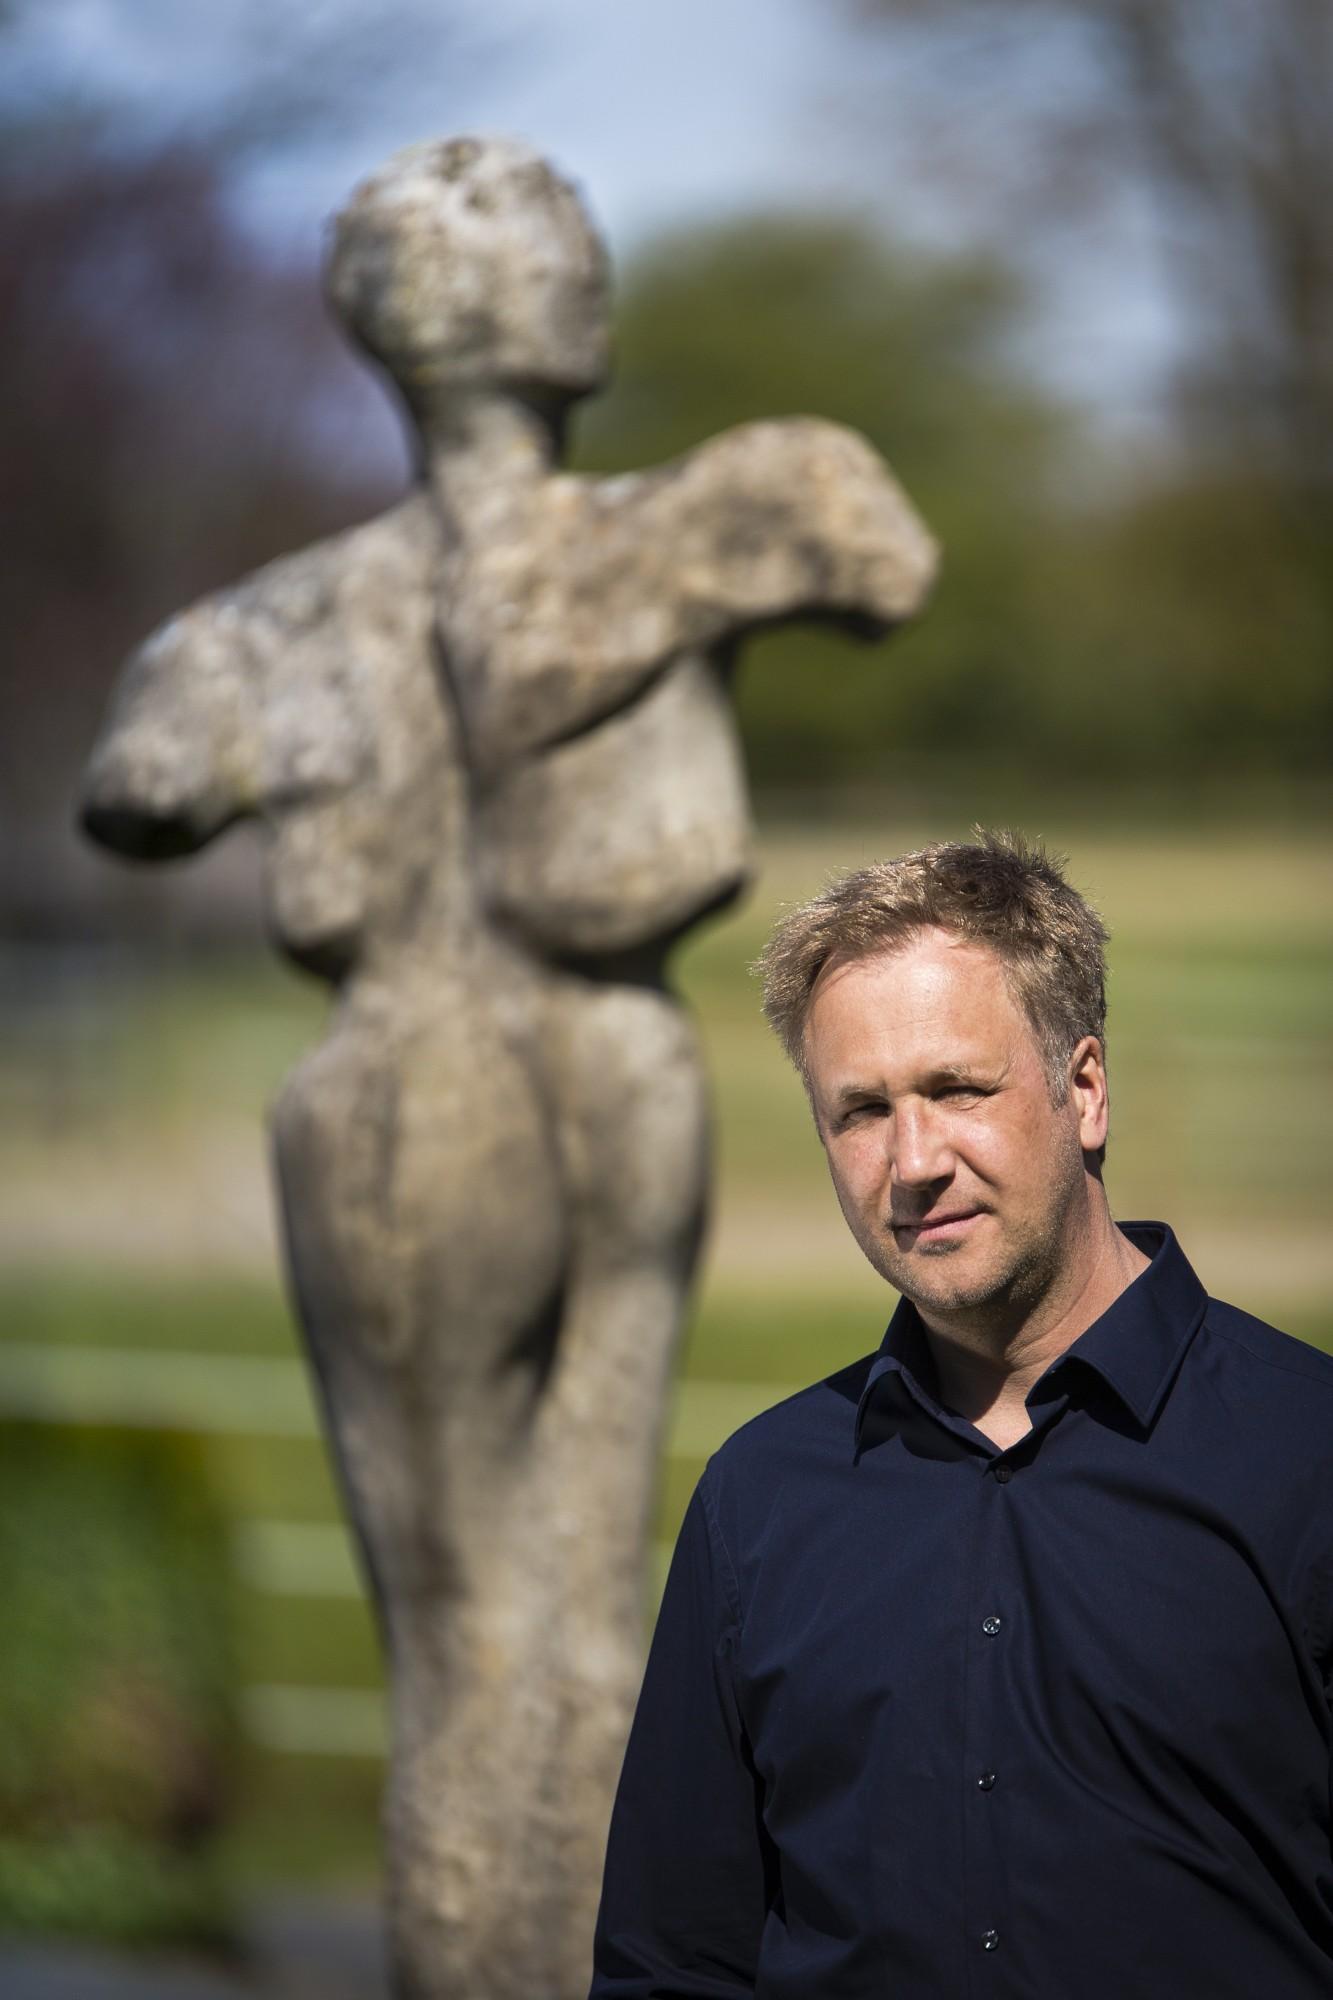 Künstler Hartmut Richard Schröger